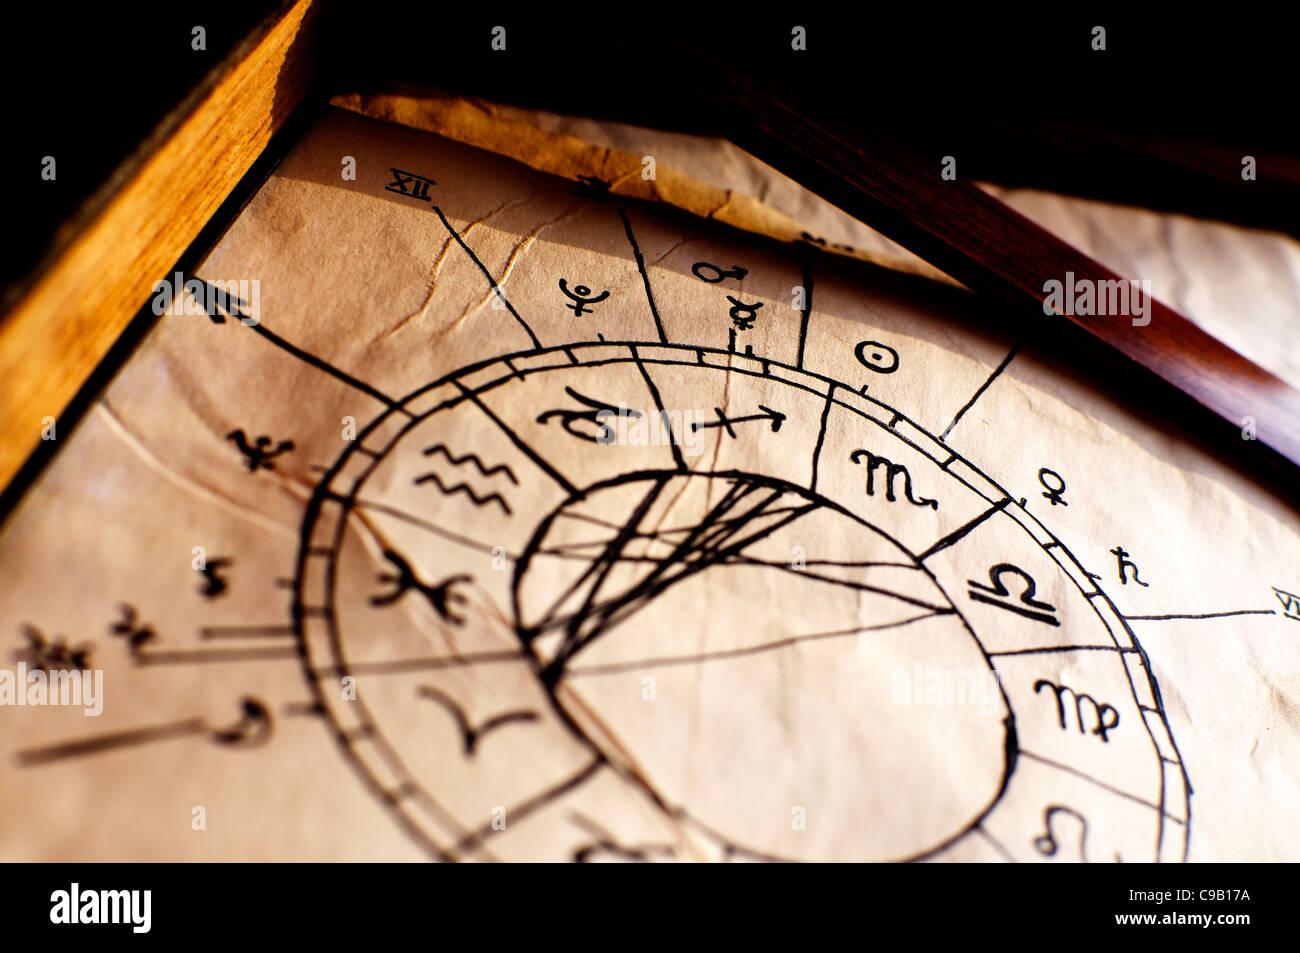 Traditionelle Horoskop, verwendet, um die Zukunft vorauszusagen Stockfoto